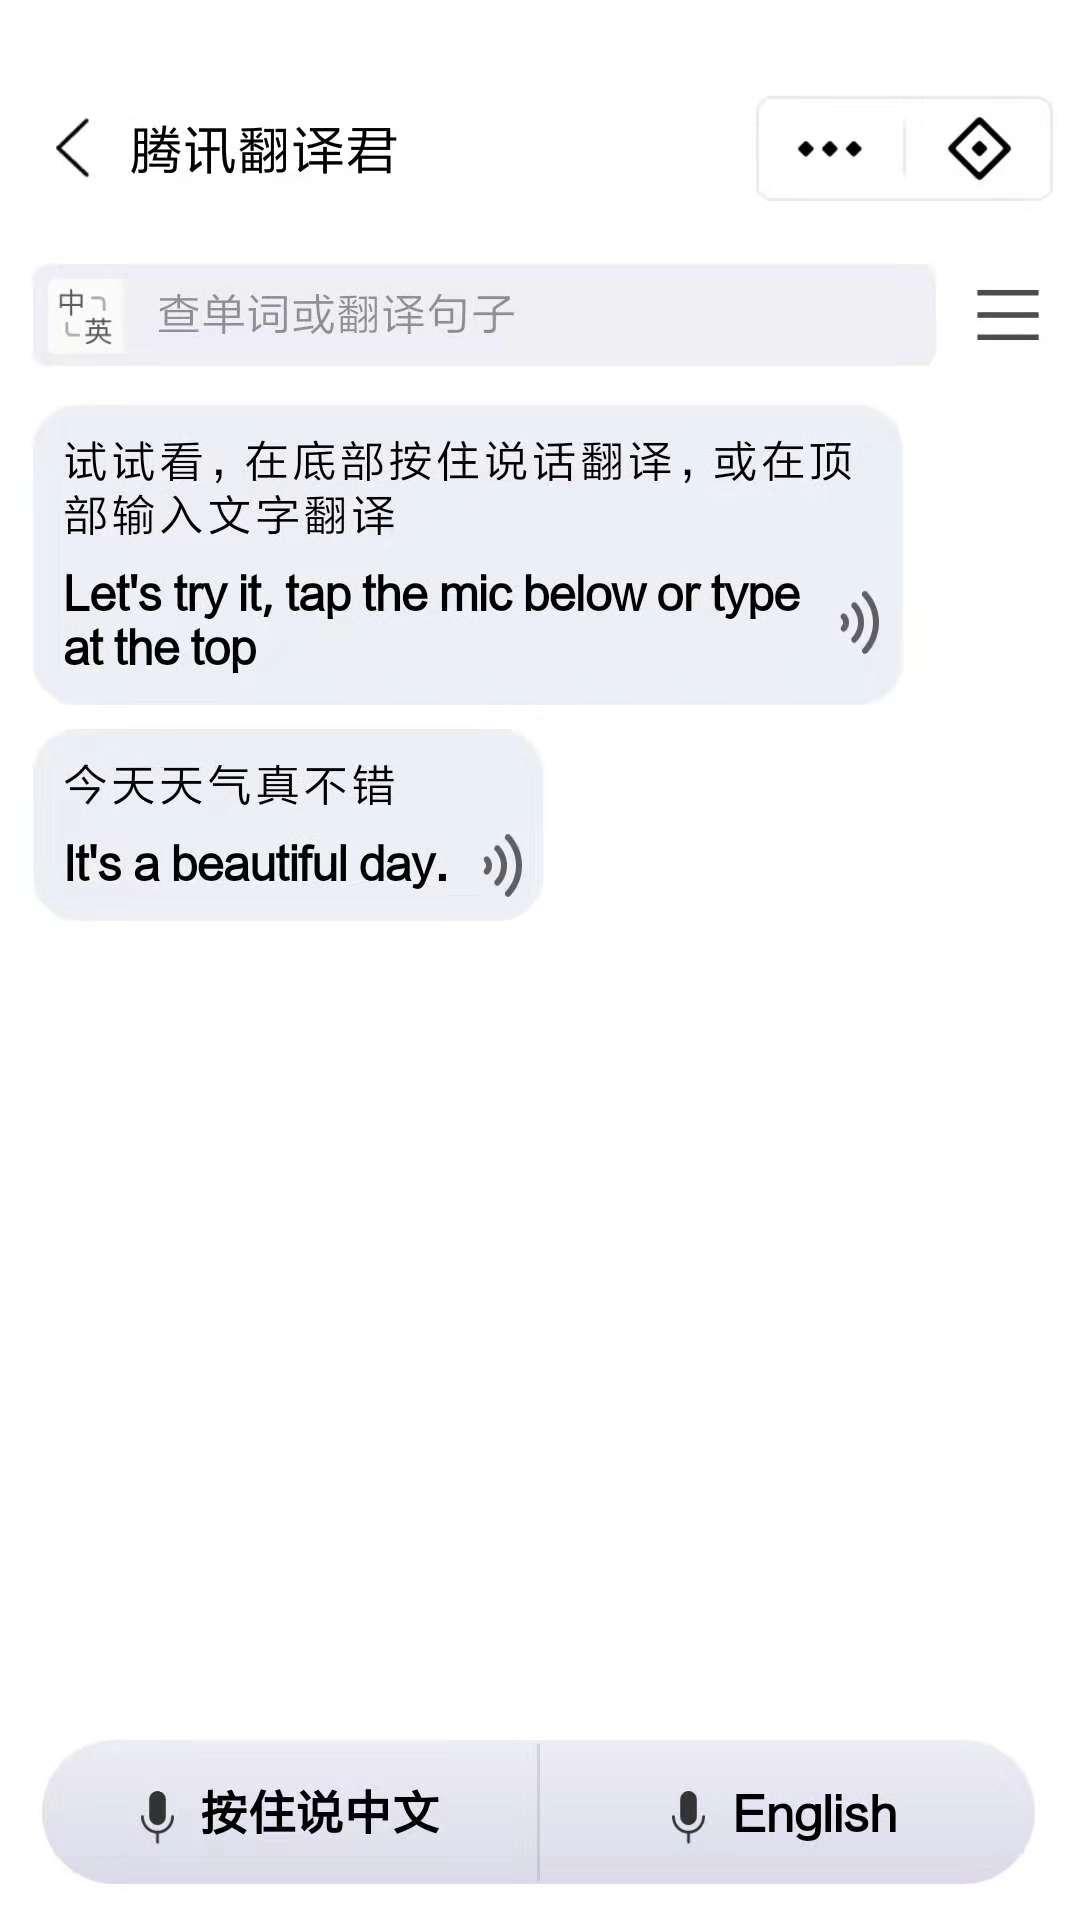 腾讯翻译君小程序截图